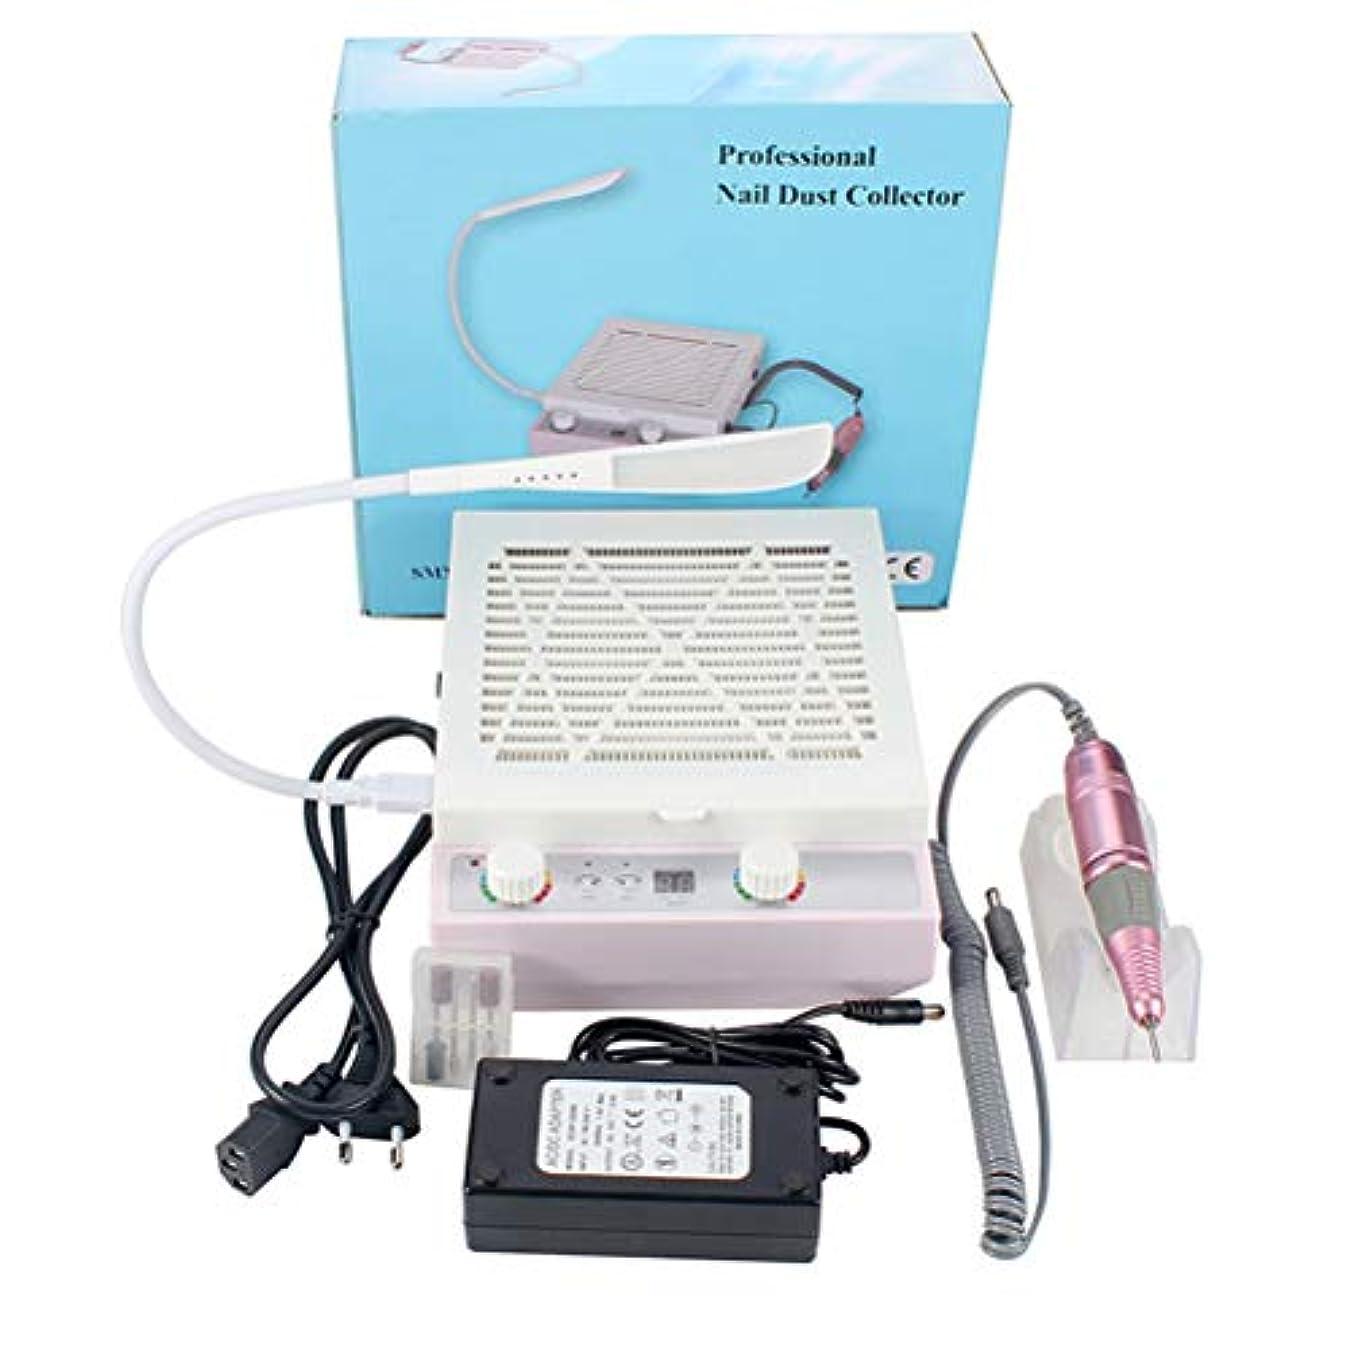 いじめっ子電池試験サロンホームマニキュア用LEDディスプレイとLEDライトと研磨ペン45Wハイパワーと3-IN-1ネイル集塵機